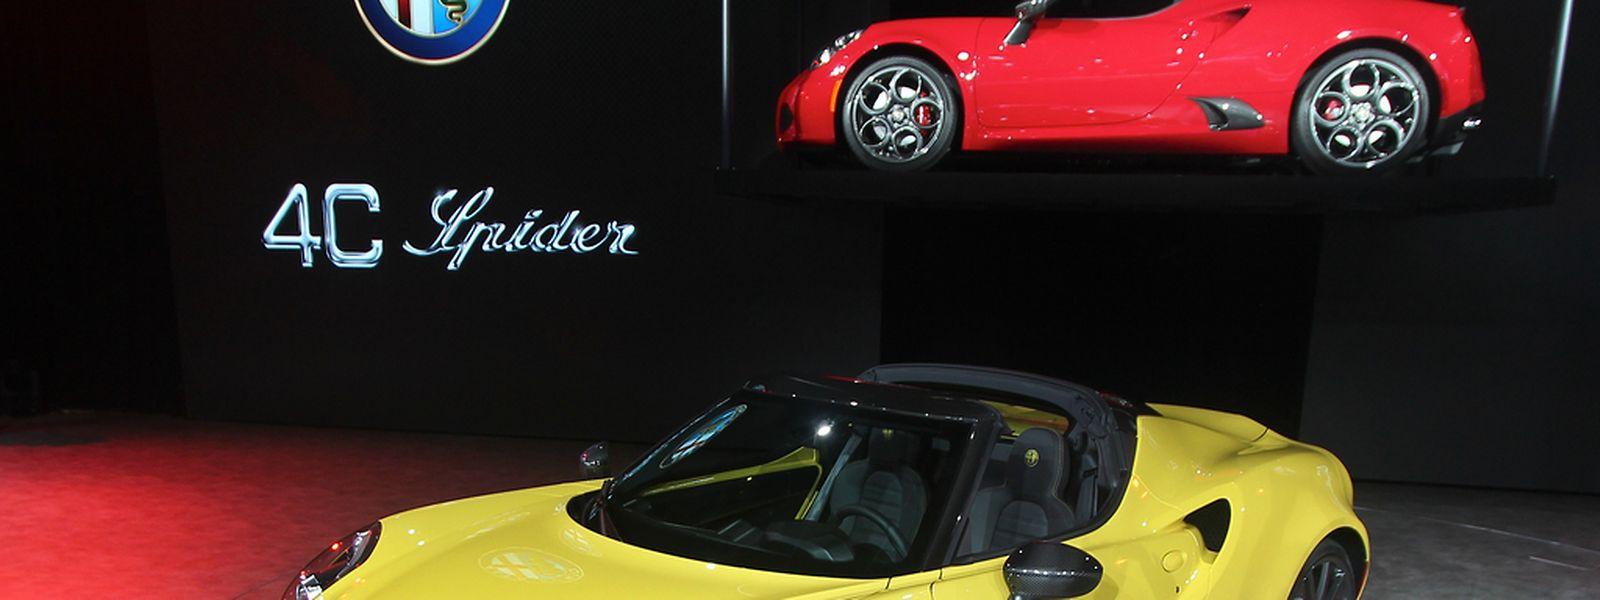 Kompakt, leicht und oben offen:der Alfa Romeo 4C Spider.